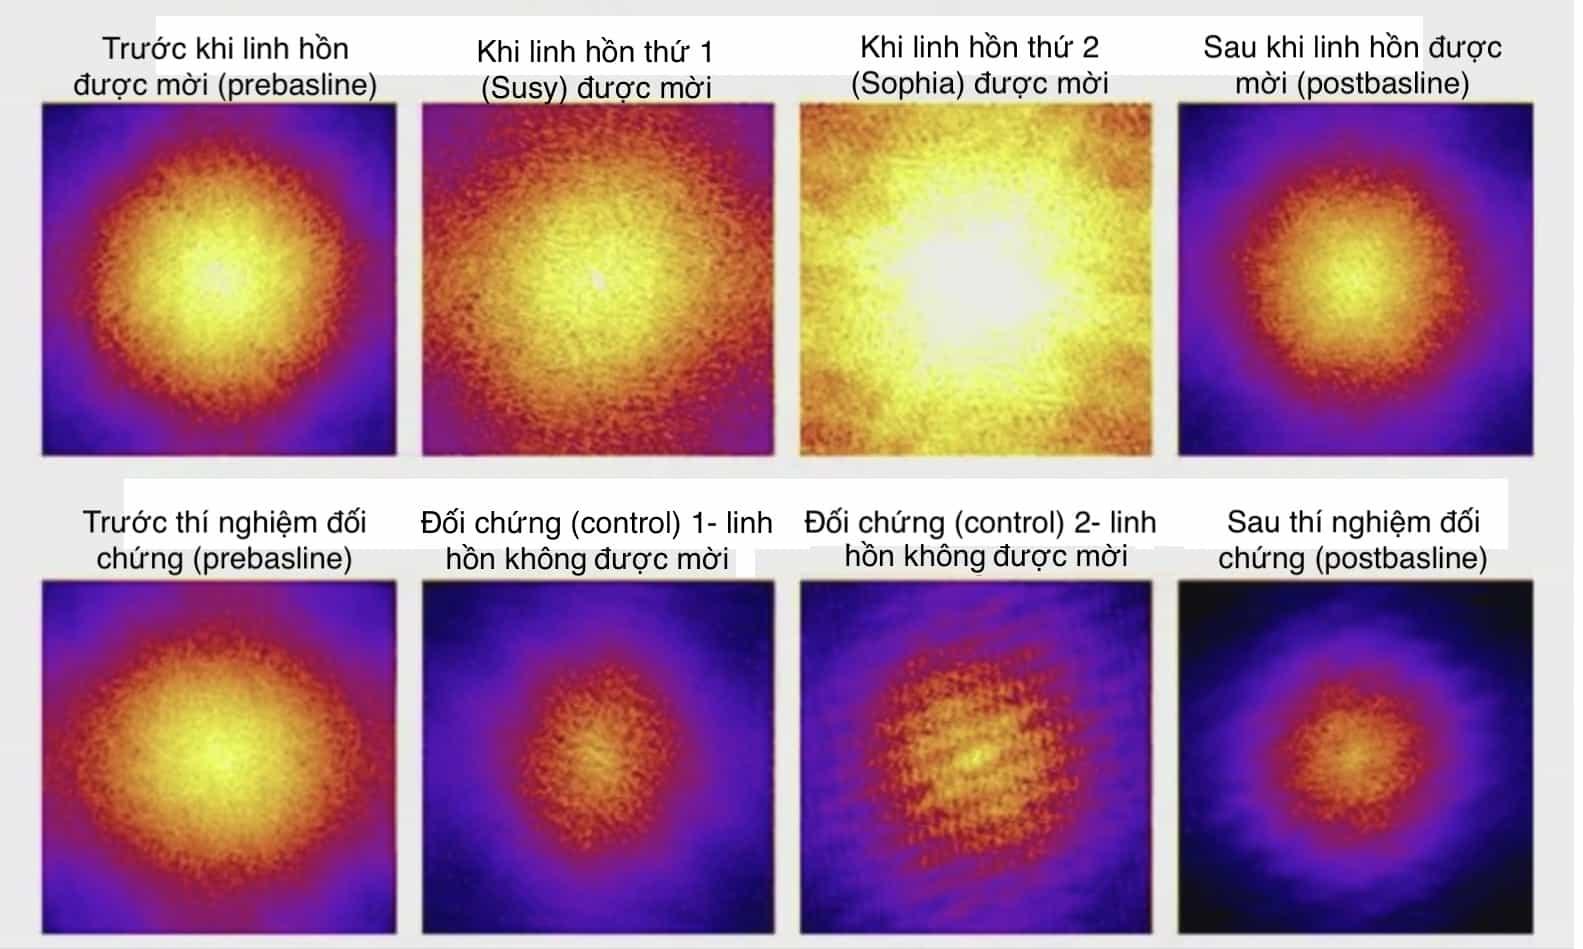 Khoa học chứng minh sự tồn tại của thế giới bên kia: 'Đo độ sáng' linh hồn